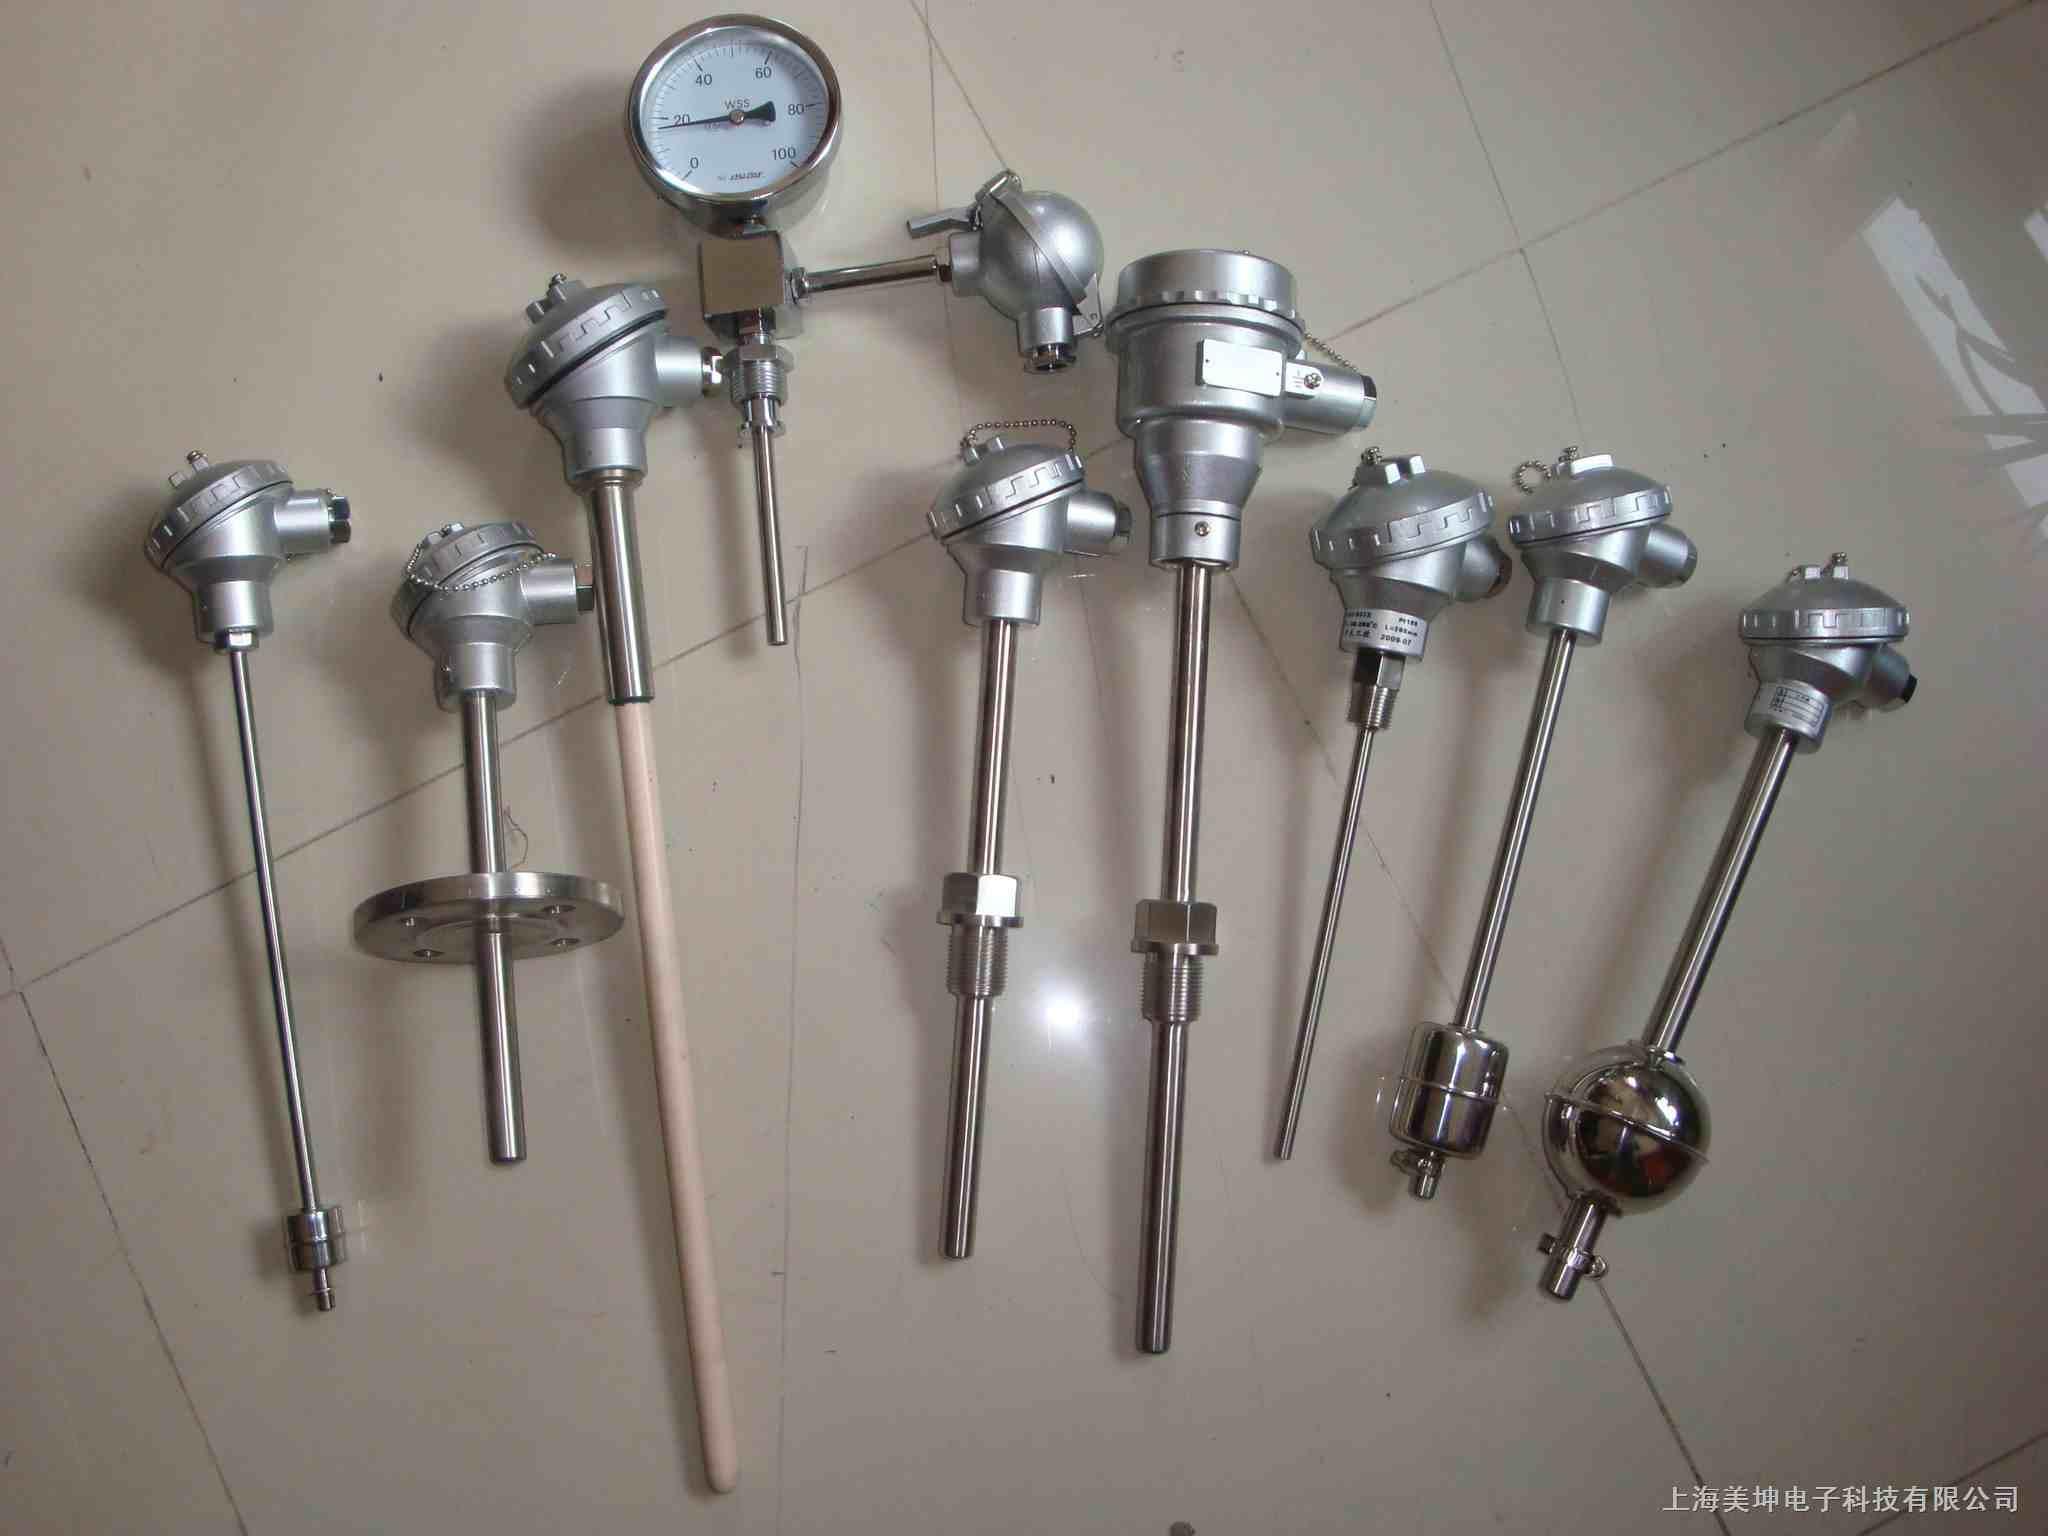 美坤电子专业制作各种非标的长杆式带法兰单点,多点液位控制浮球开关